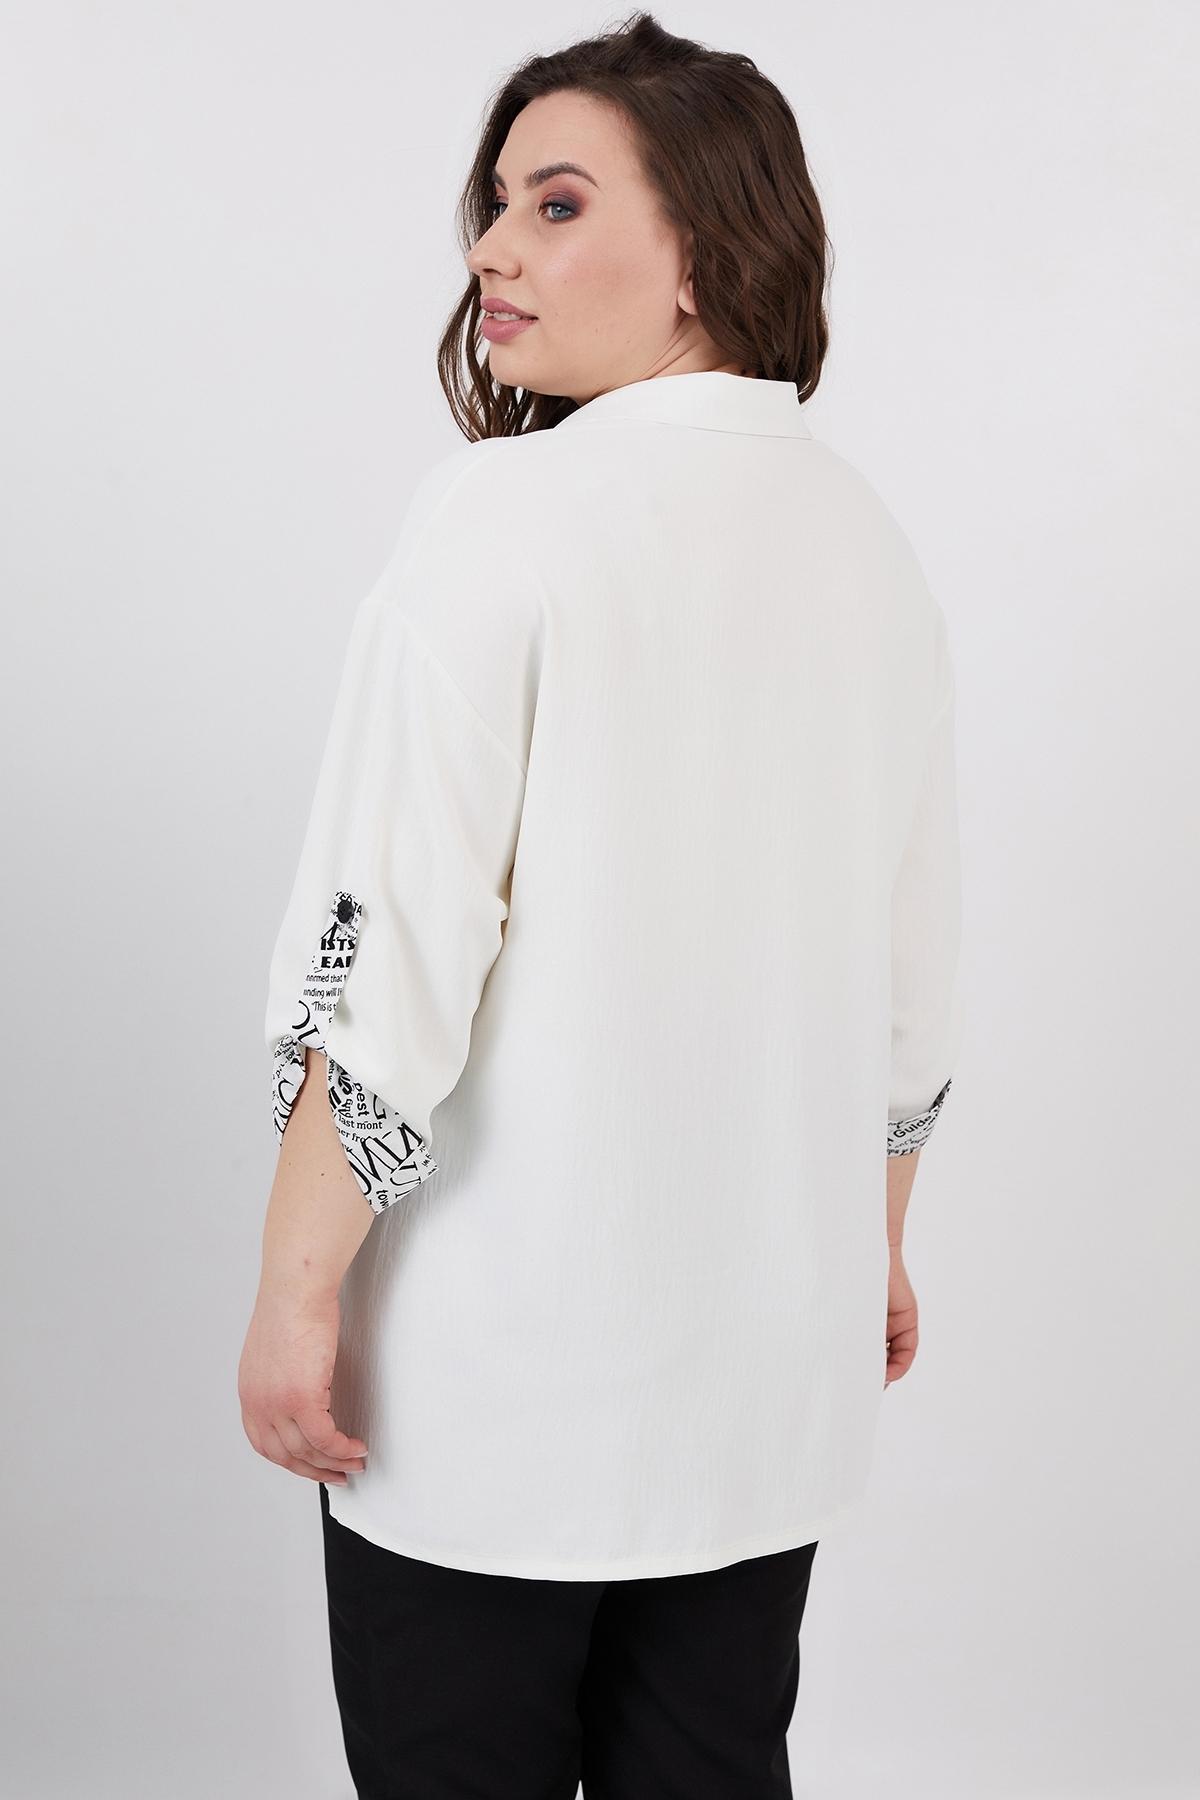 Рубашка Тітонія (молочний)